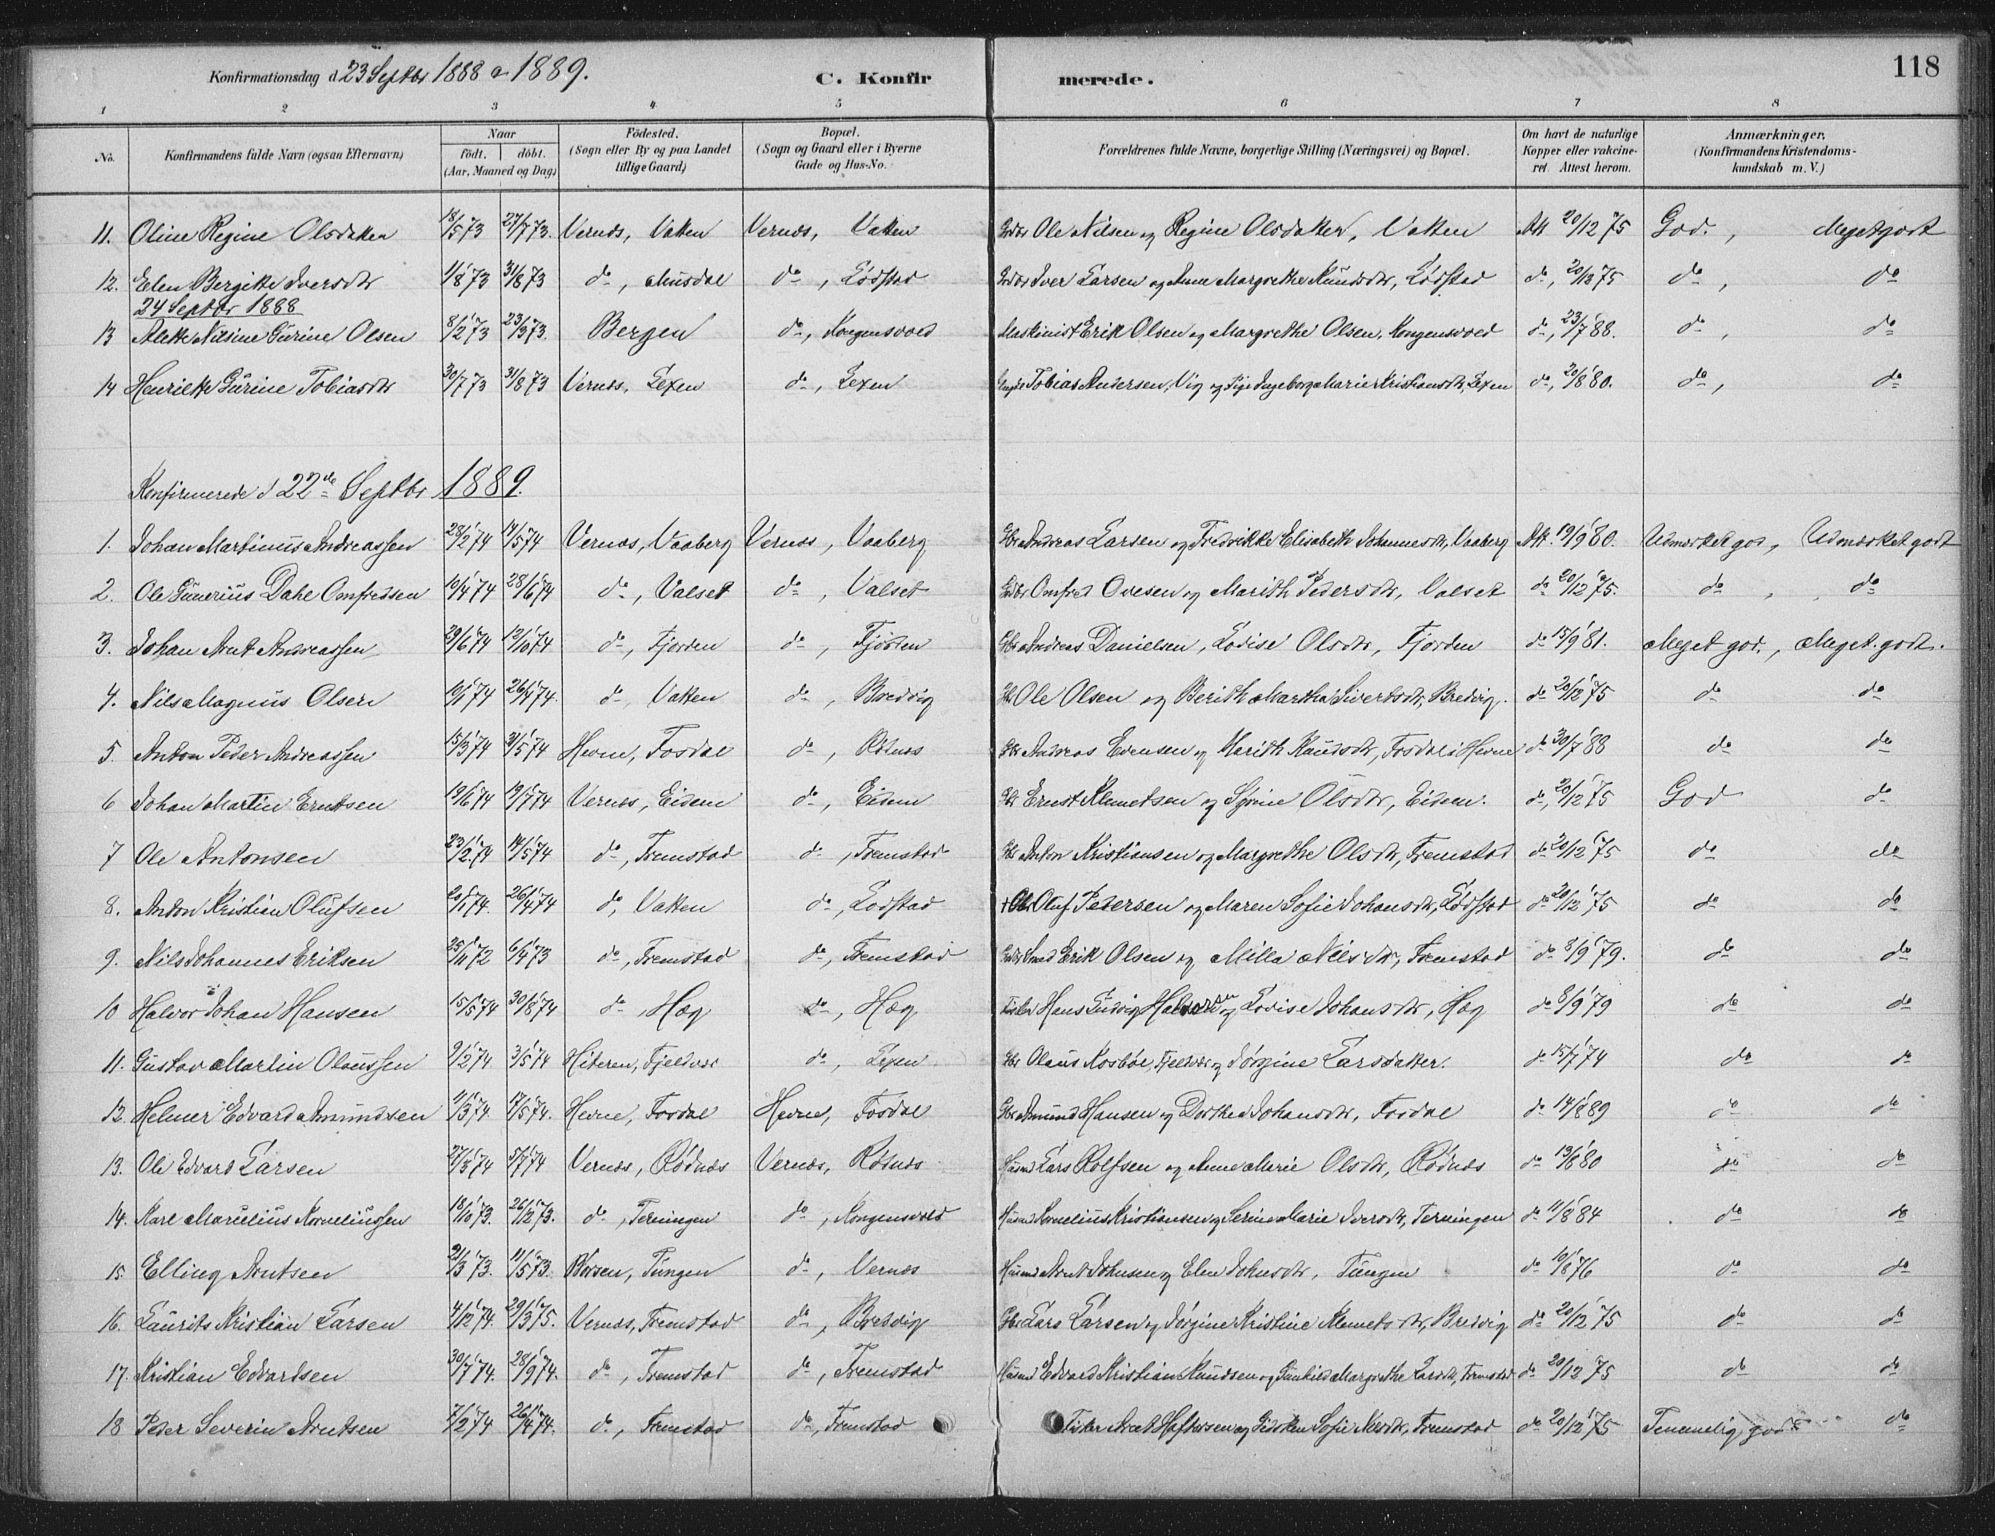 SAT, Ministerialprotokoller, klokkerbøker og fødselsregistre - Sør-Trøndelag, 662/L0755: Ministerialbok nr. 662A01, 1879-1905, s. 118